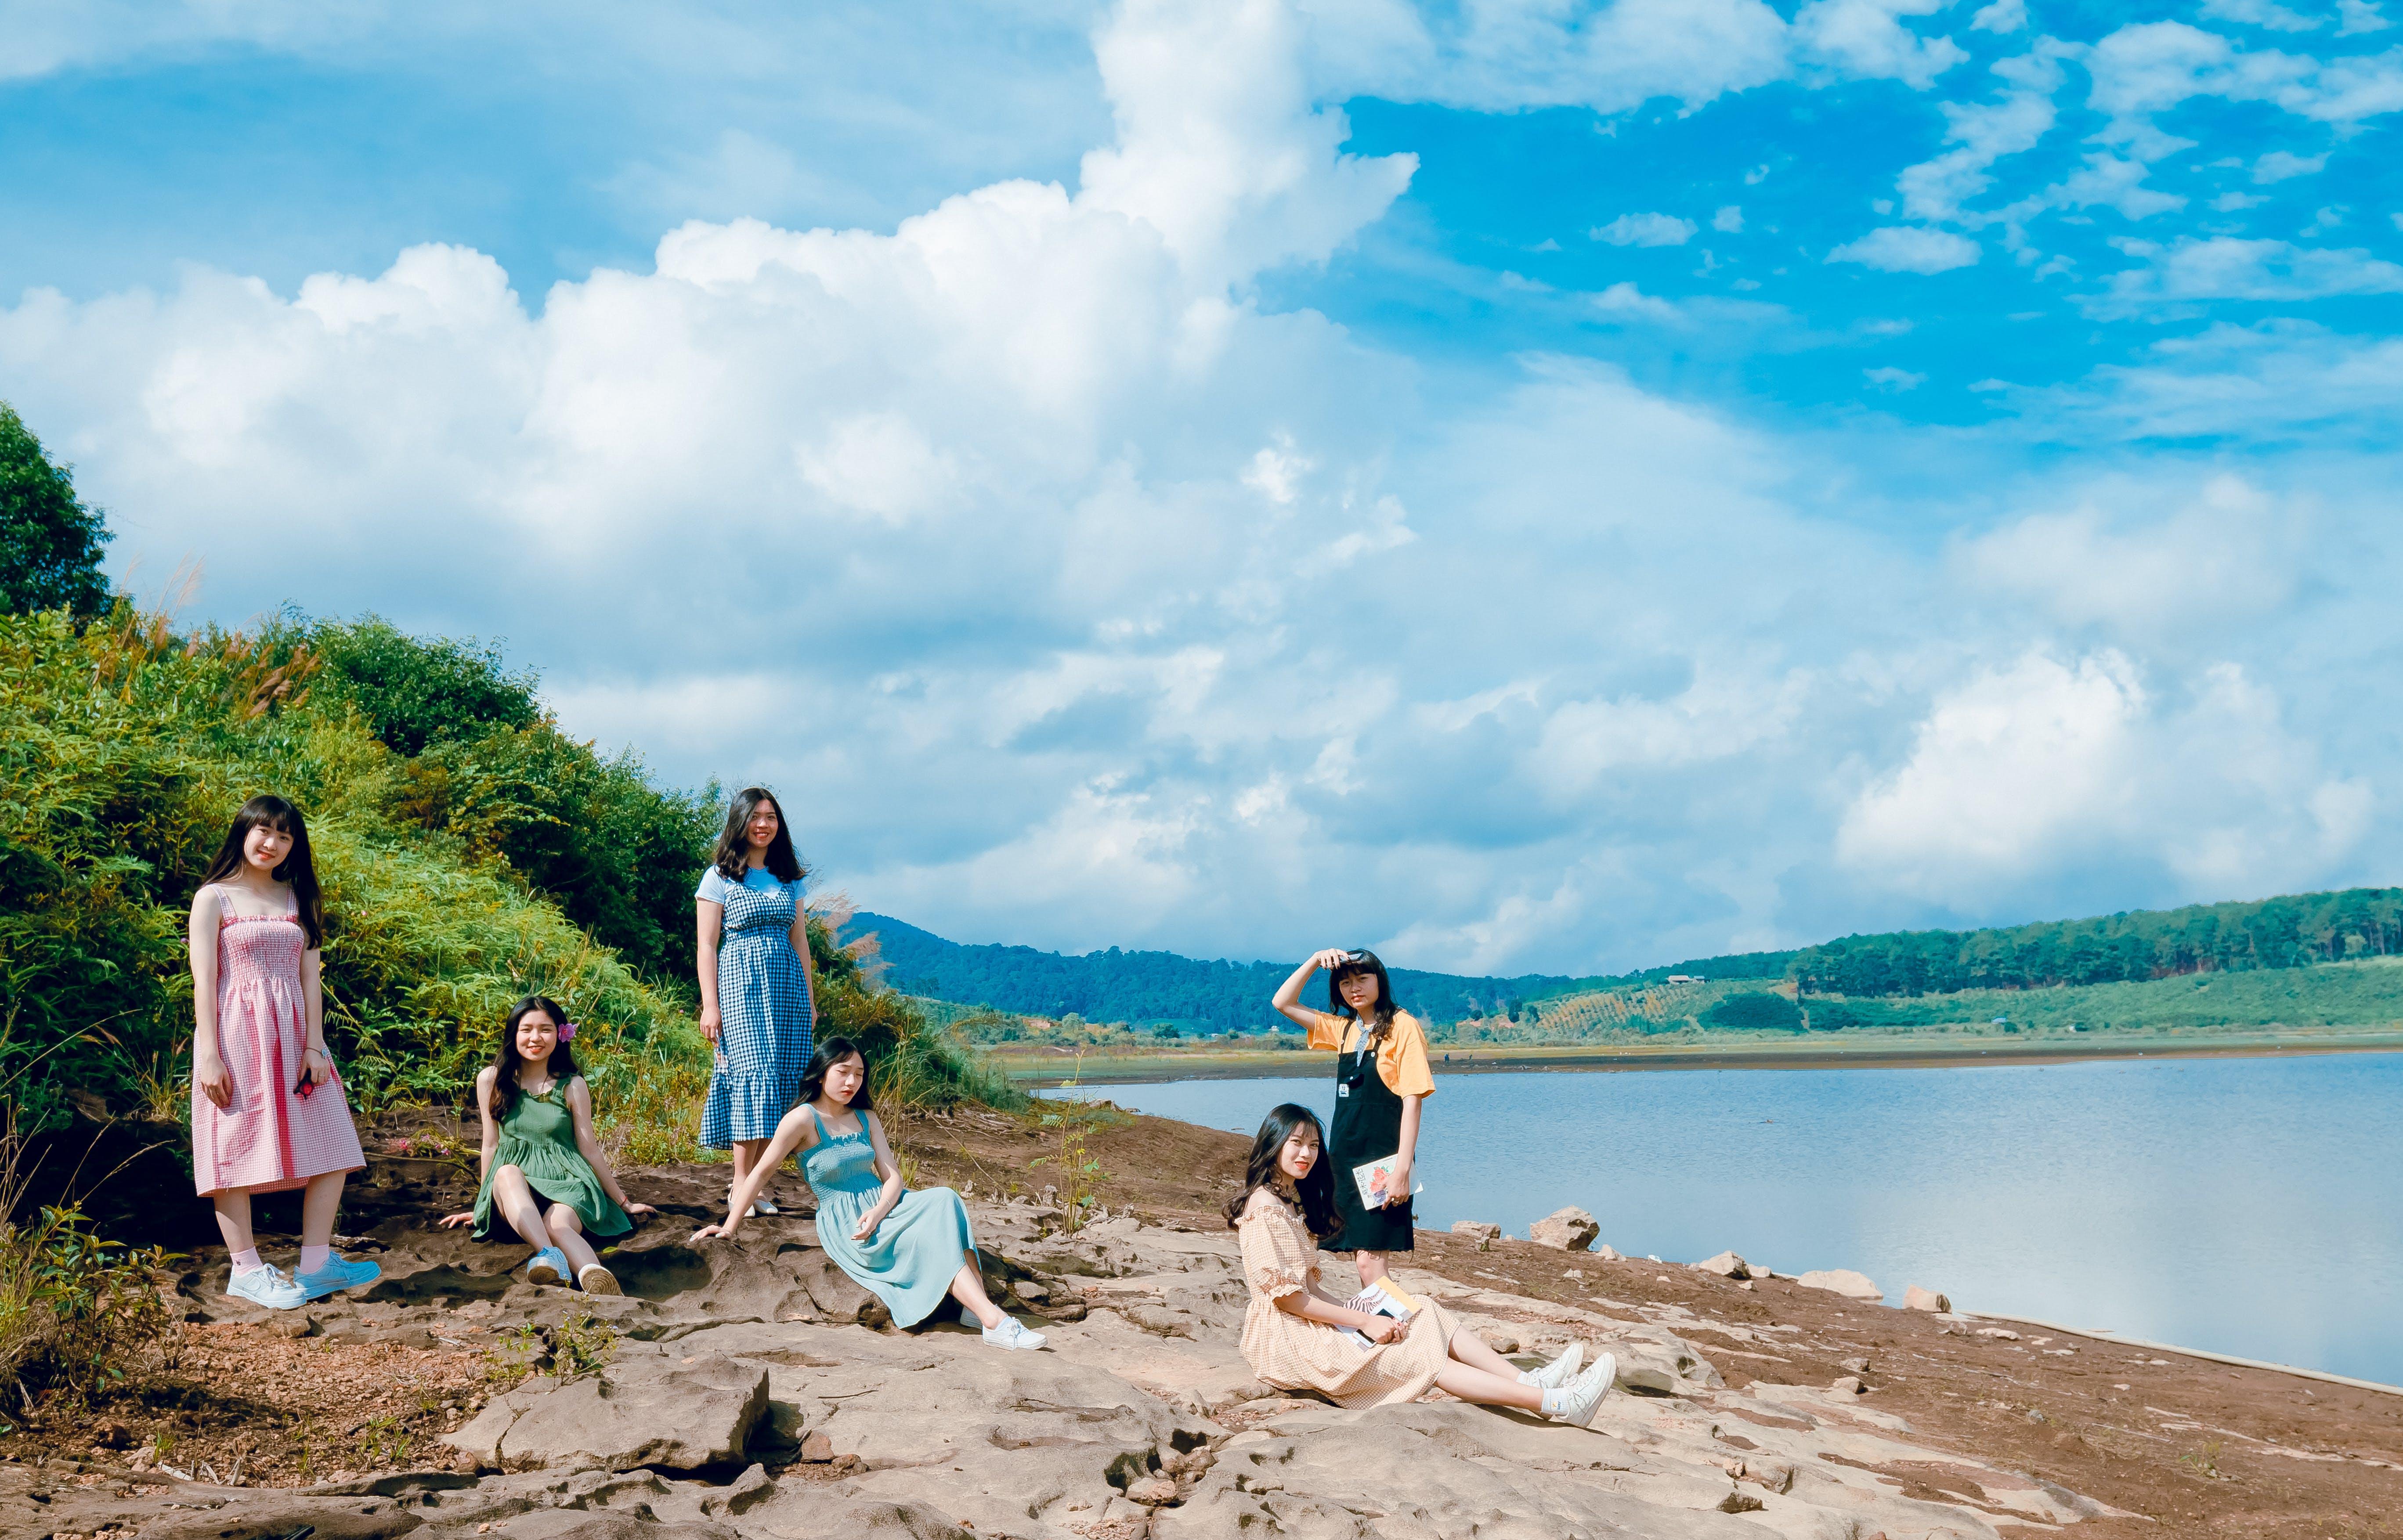 Women Sitting Near Body Of Water